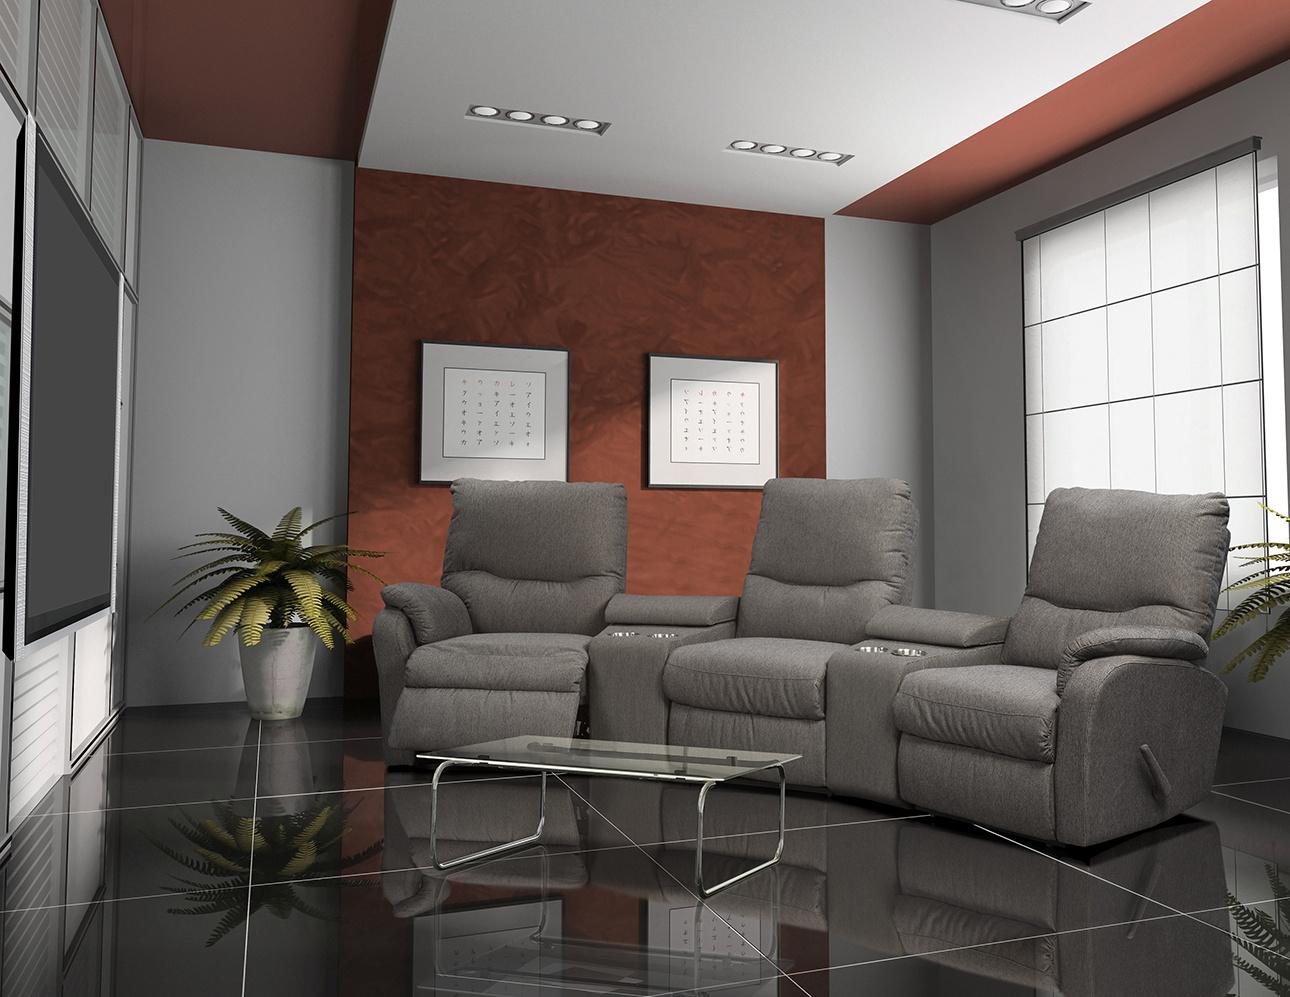 מערכת ישיבה לקולנוע ביתי עם ריקליינרים רילקסון דגם 2066